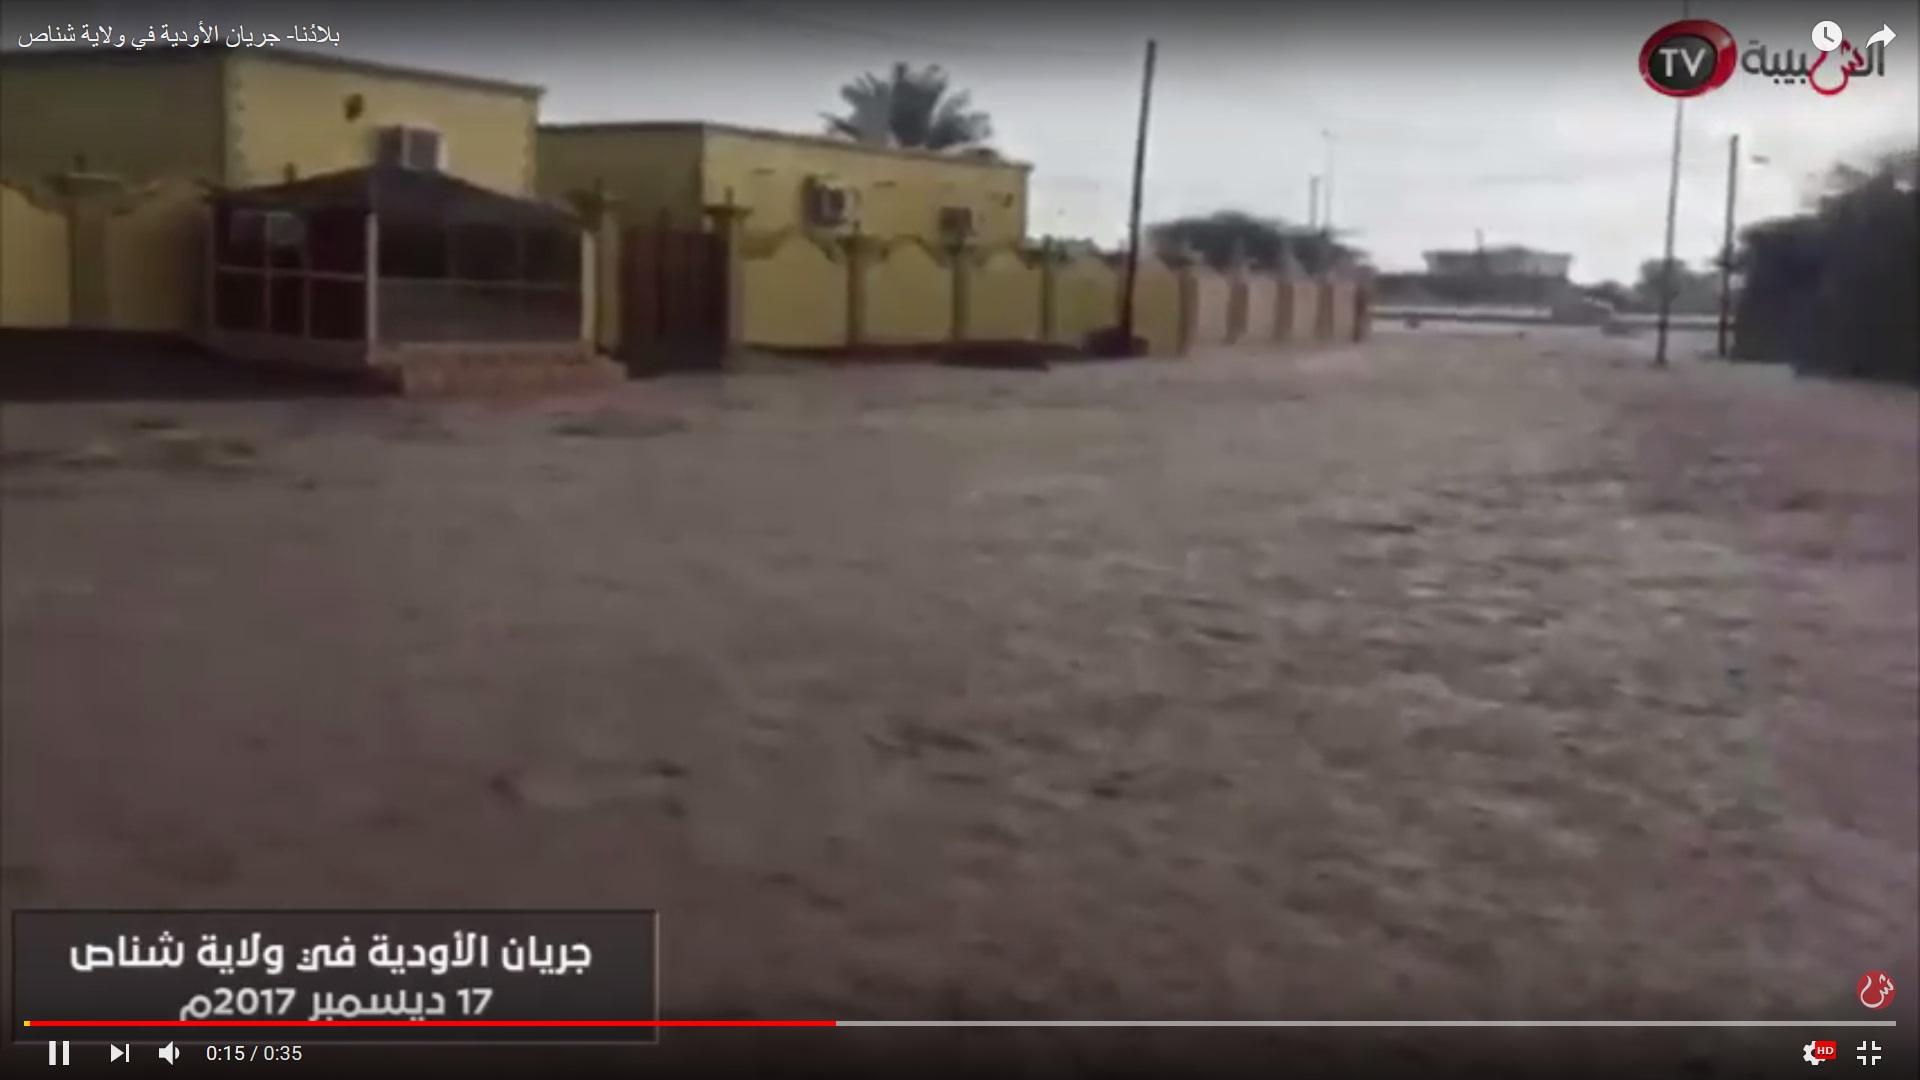 شاهد بالفيديو.. جريان الأودية في ولاية شناص